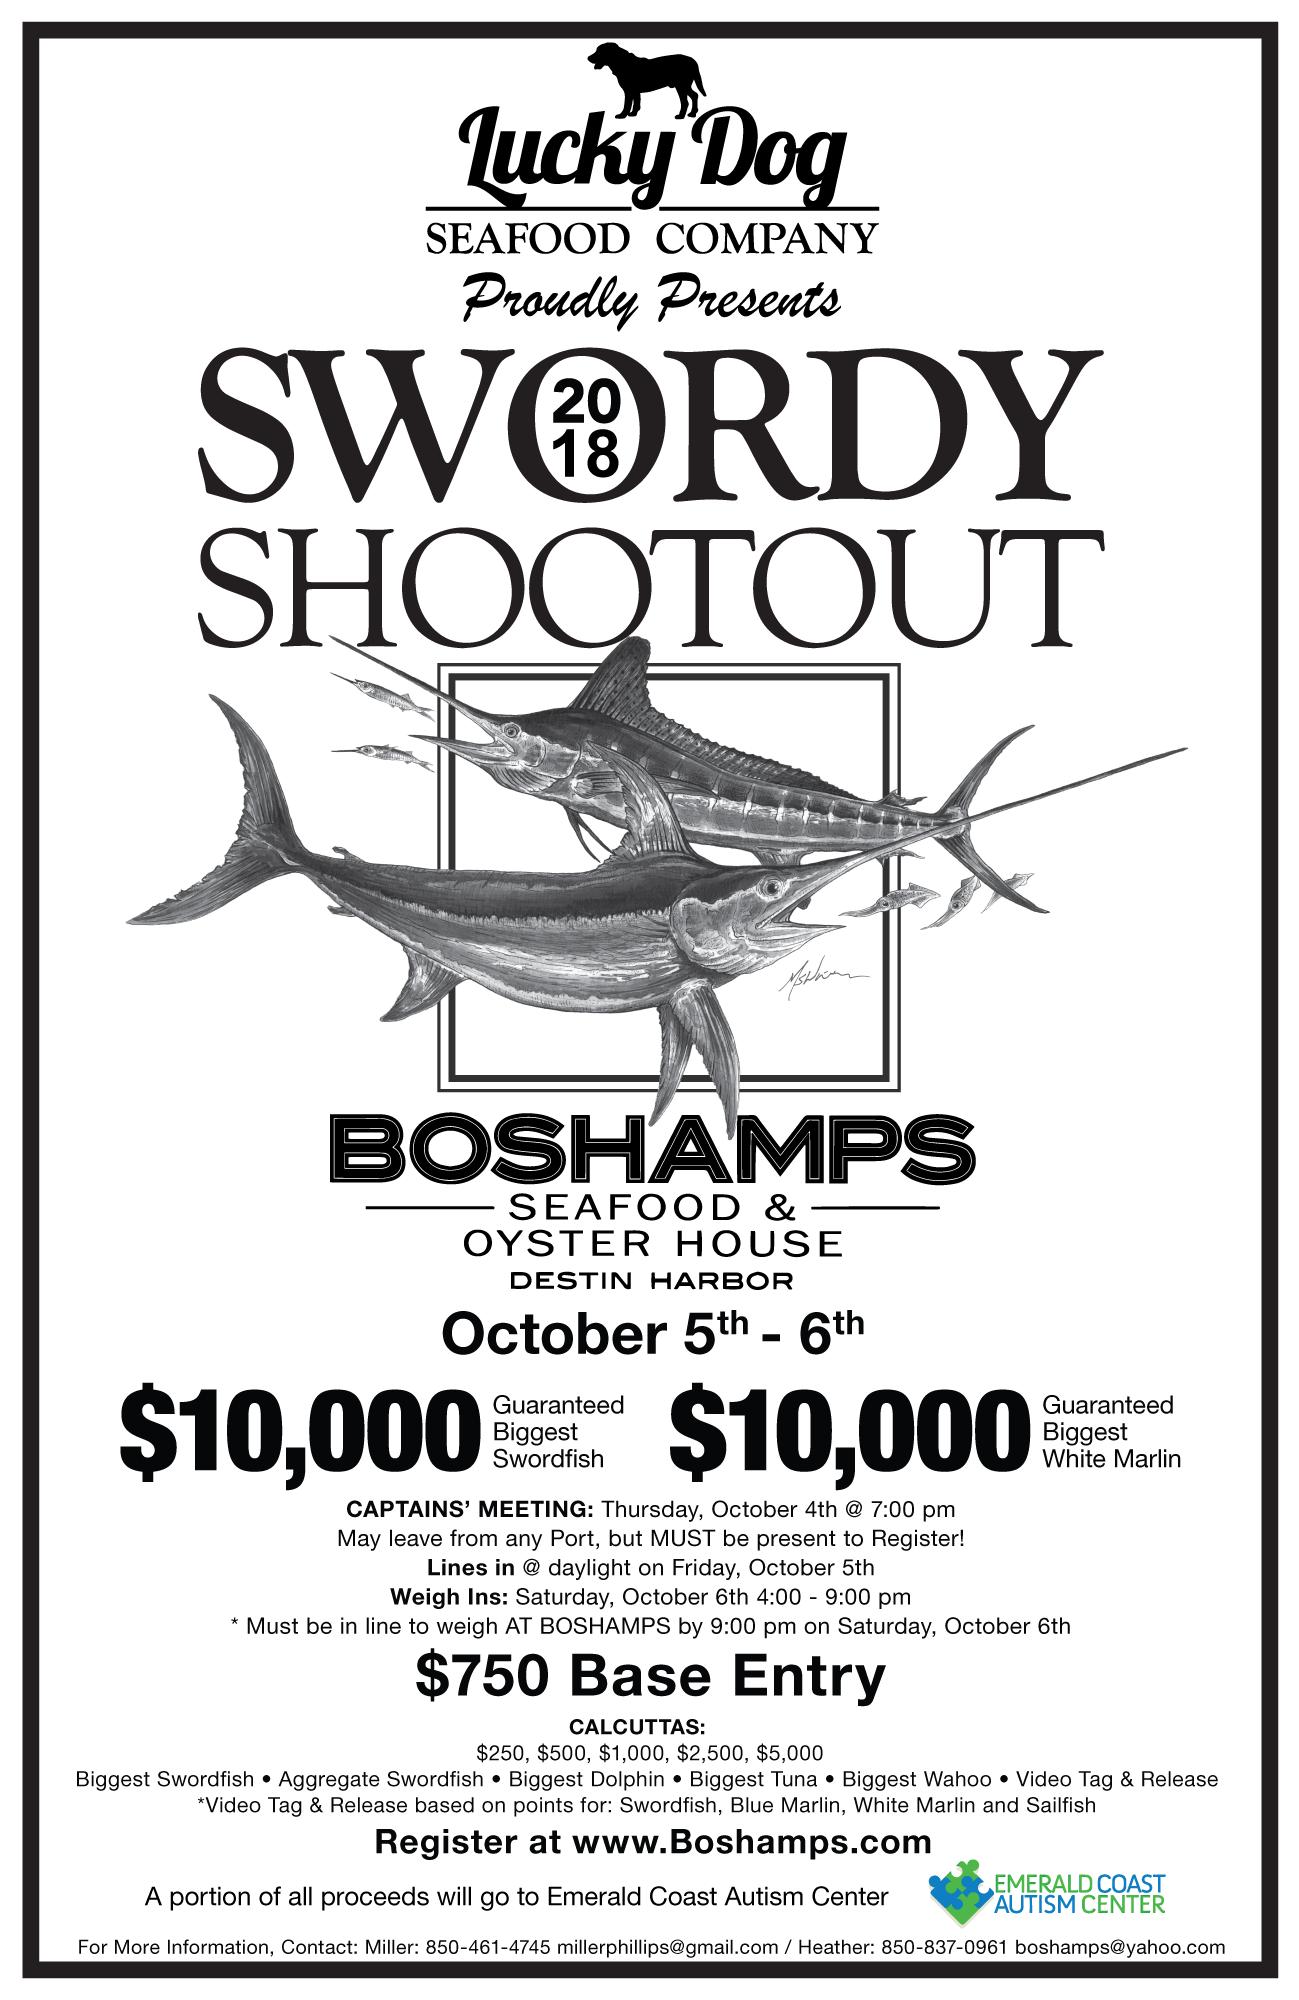 2018-SWORDY-Shootout-Boshamps-Destin-FL.png